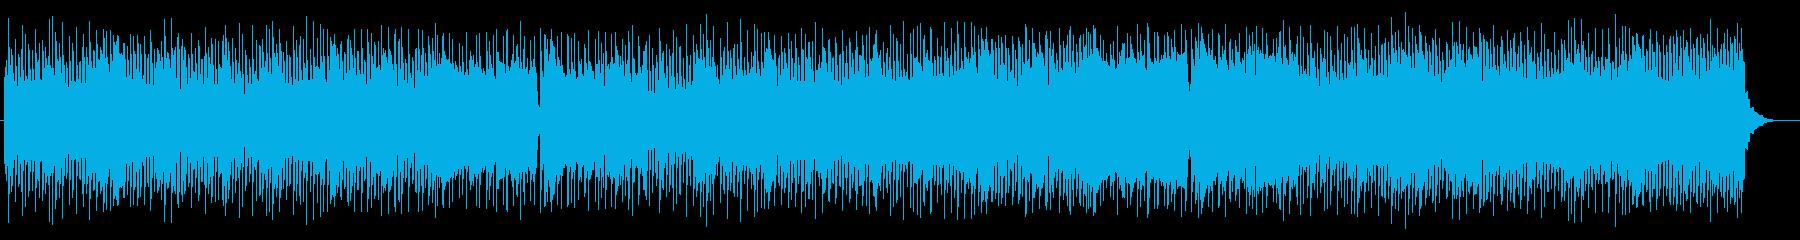 壮大で重厚感あるクラシックバラードの再生済みの波形